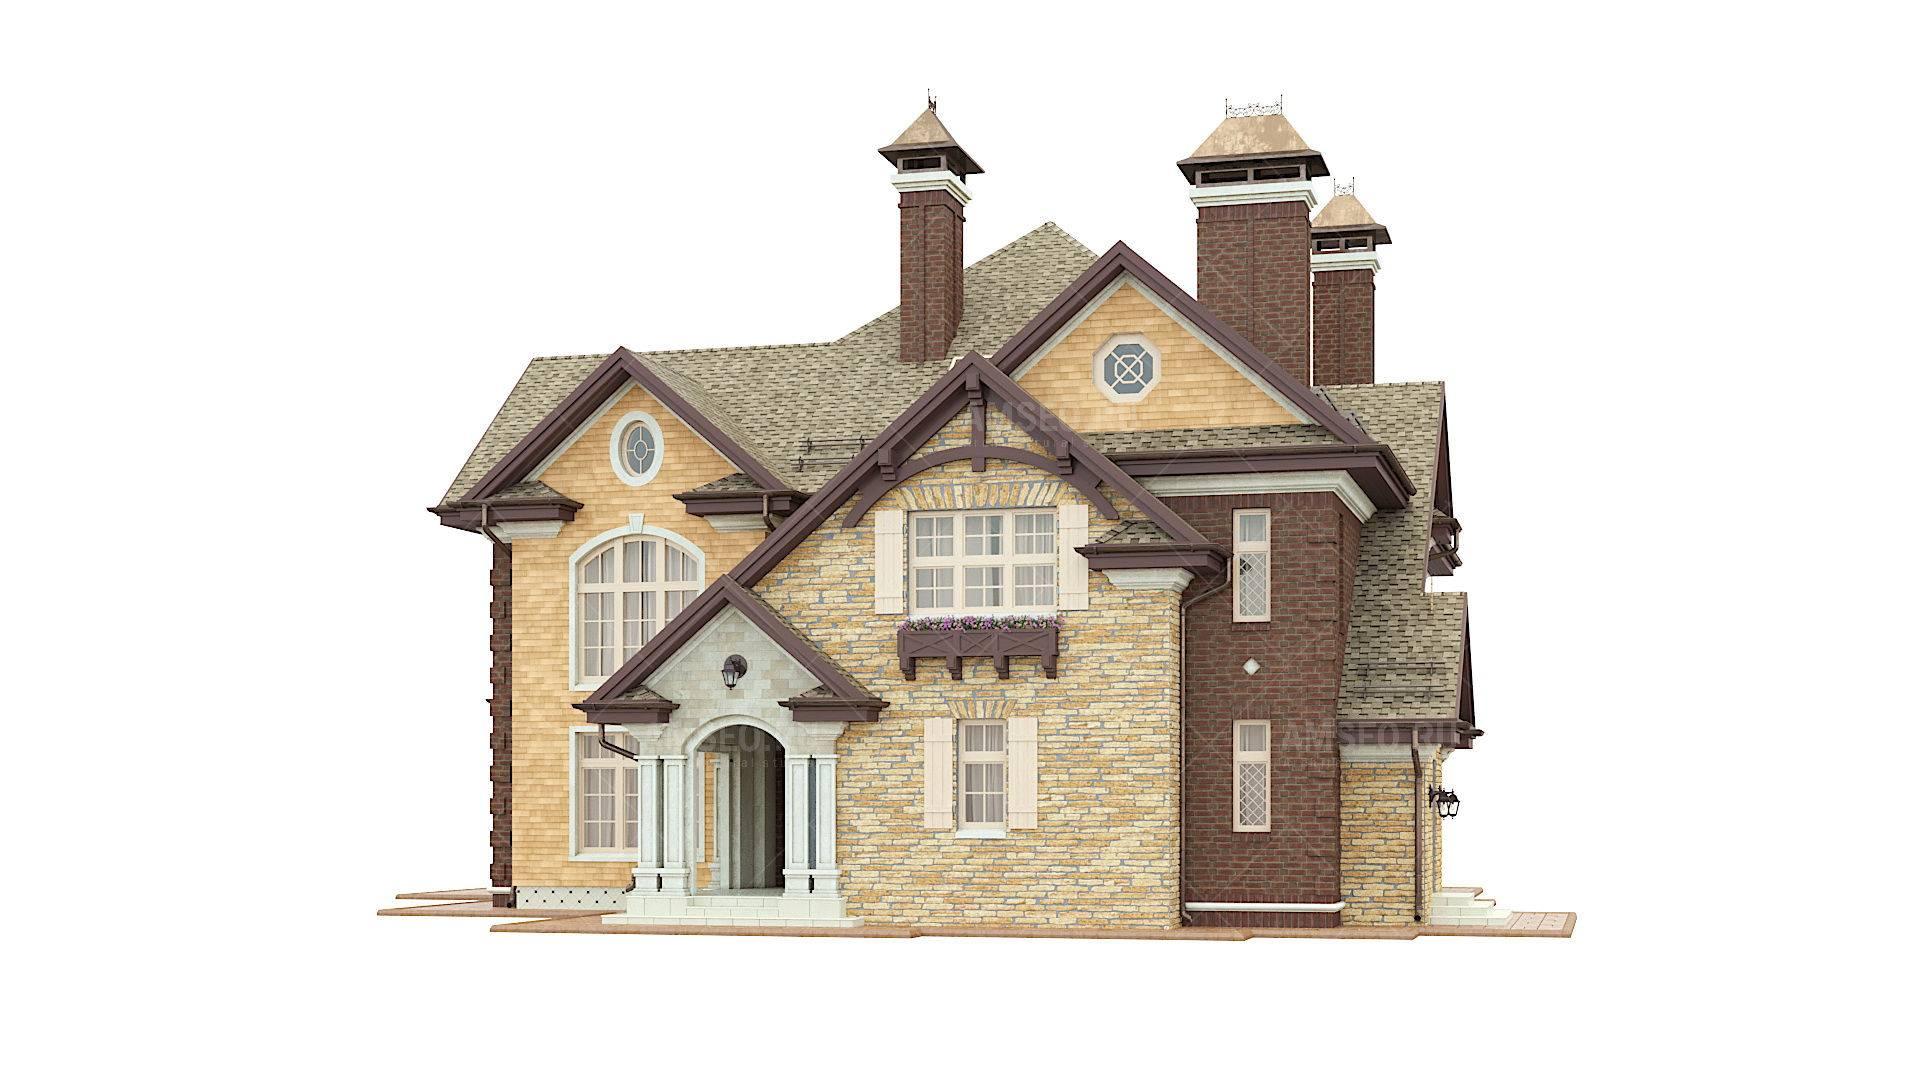 Дом в английском стиле - 80 фото архитектурных особенностей англии